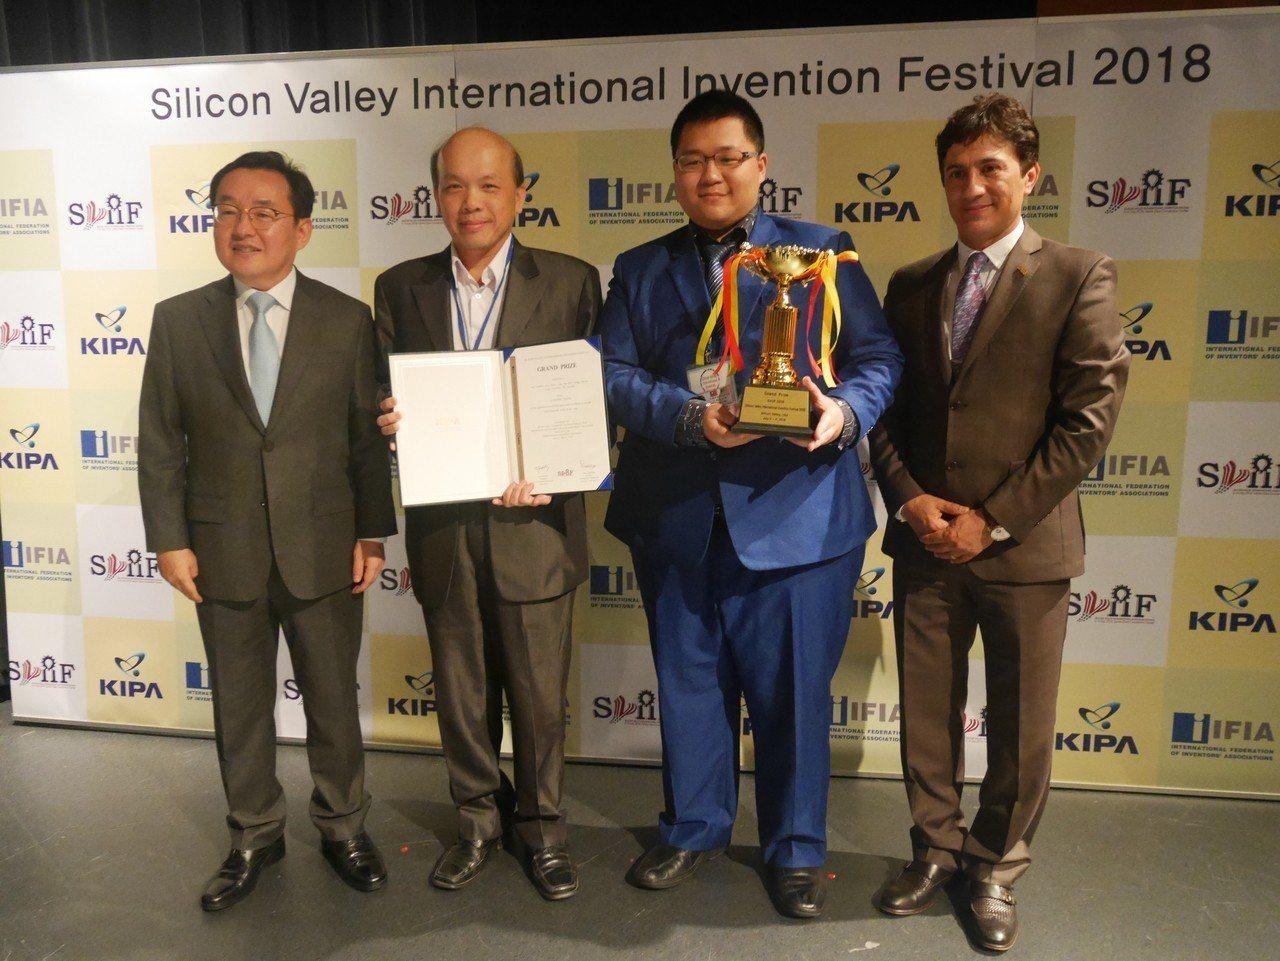 台北城市科技大學師生發明「多功能智慧手機秤」,可結合手機功能輕鬆秤重,獲得美國矽...